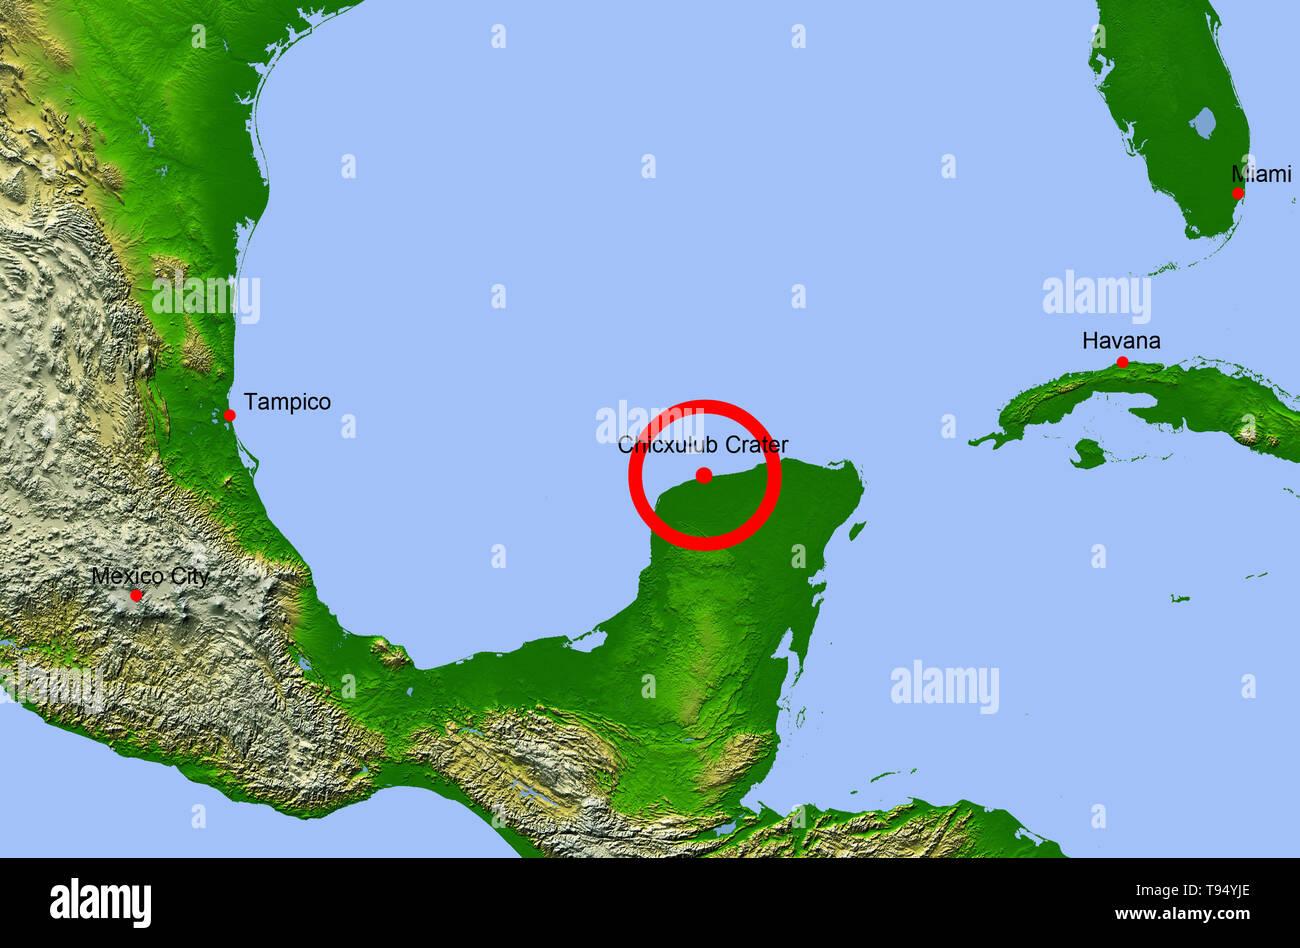 Map Of Yucatan Stock Photos & Map Of Yucatan Stock Images - Alamy